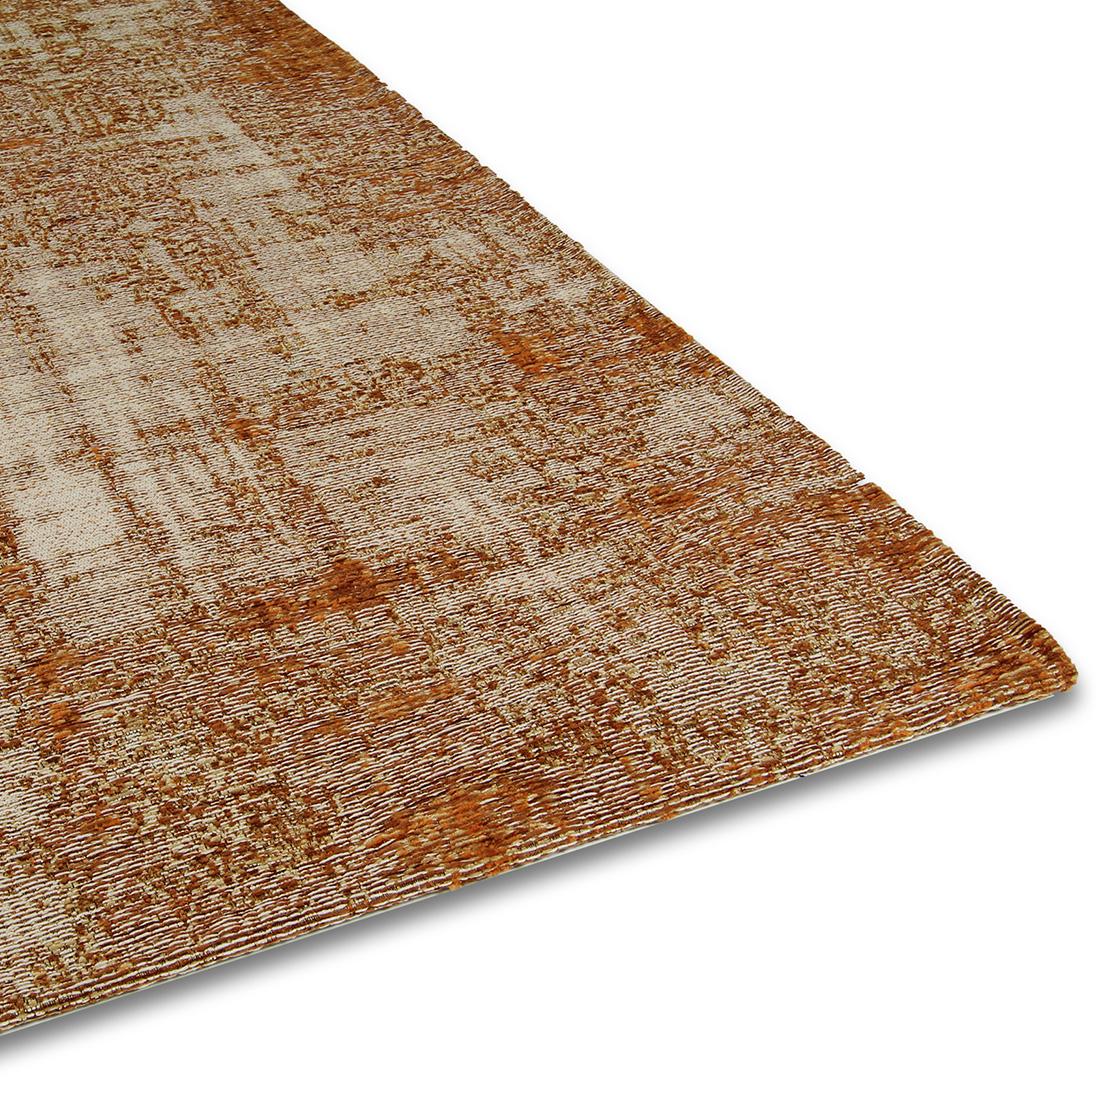 Vloerkleed Brinker Grunge Rust | 200 x 300 cm